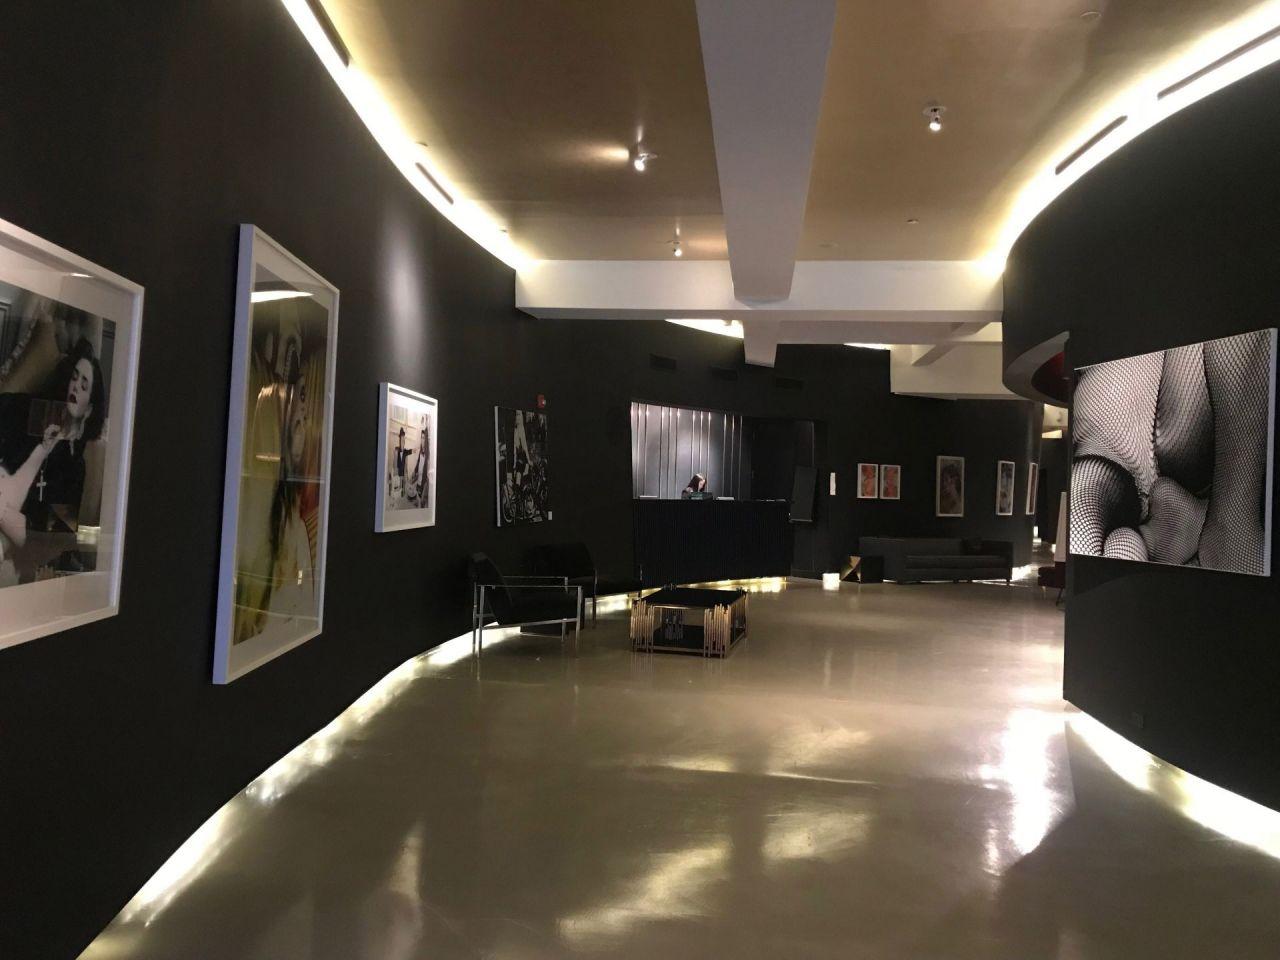 Art corridor